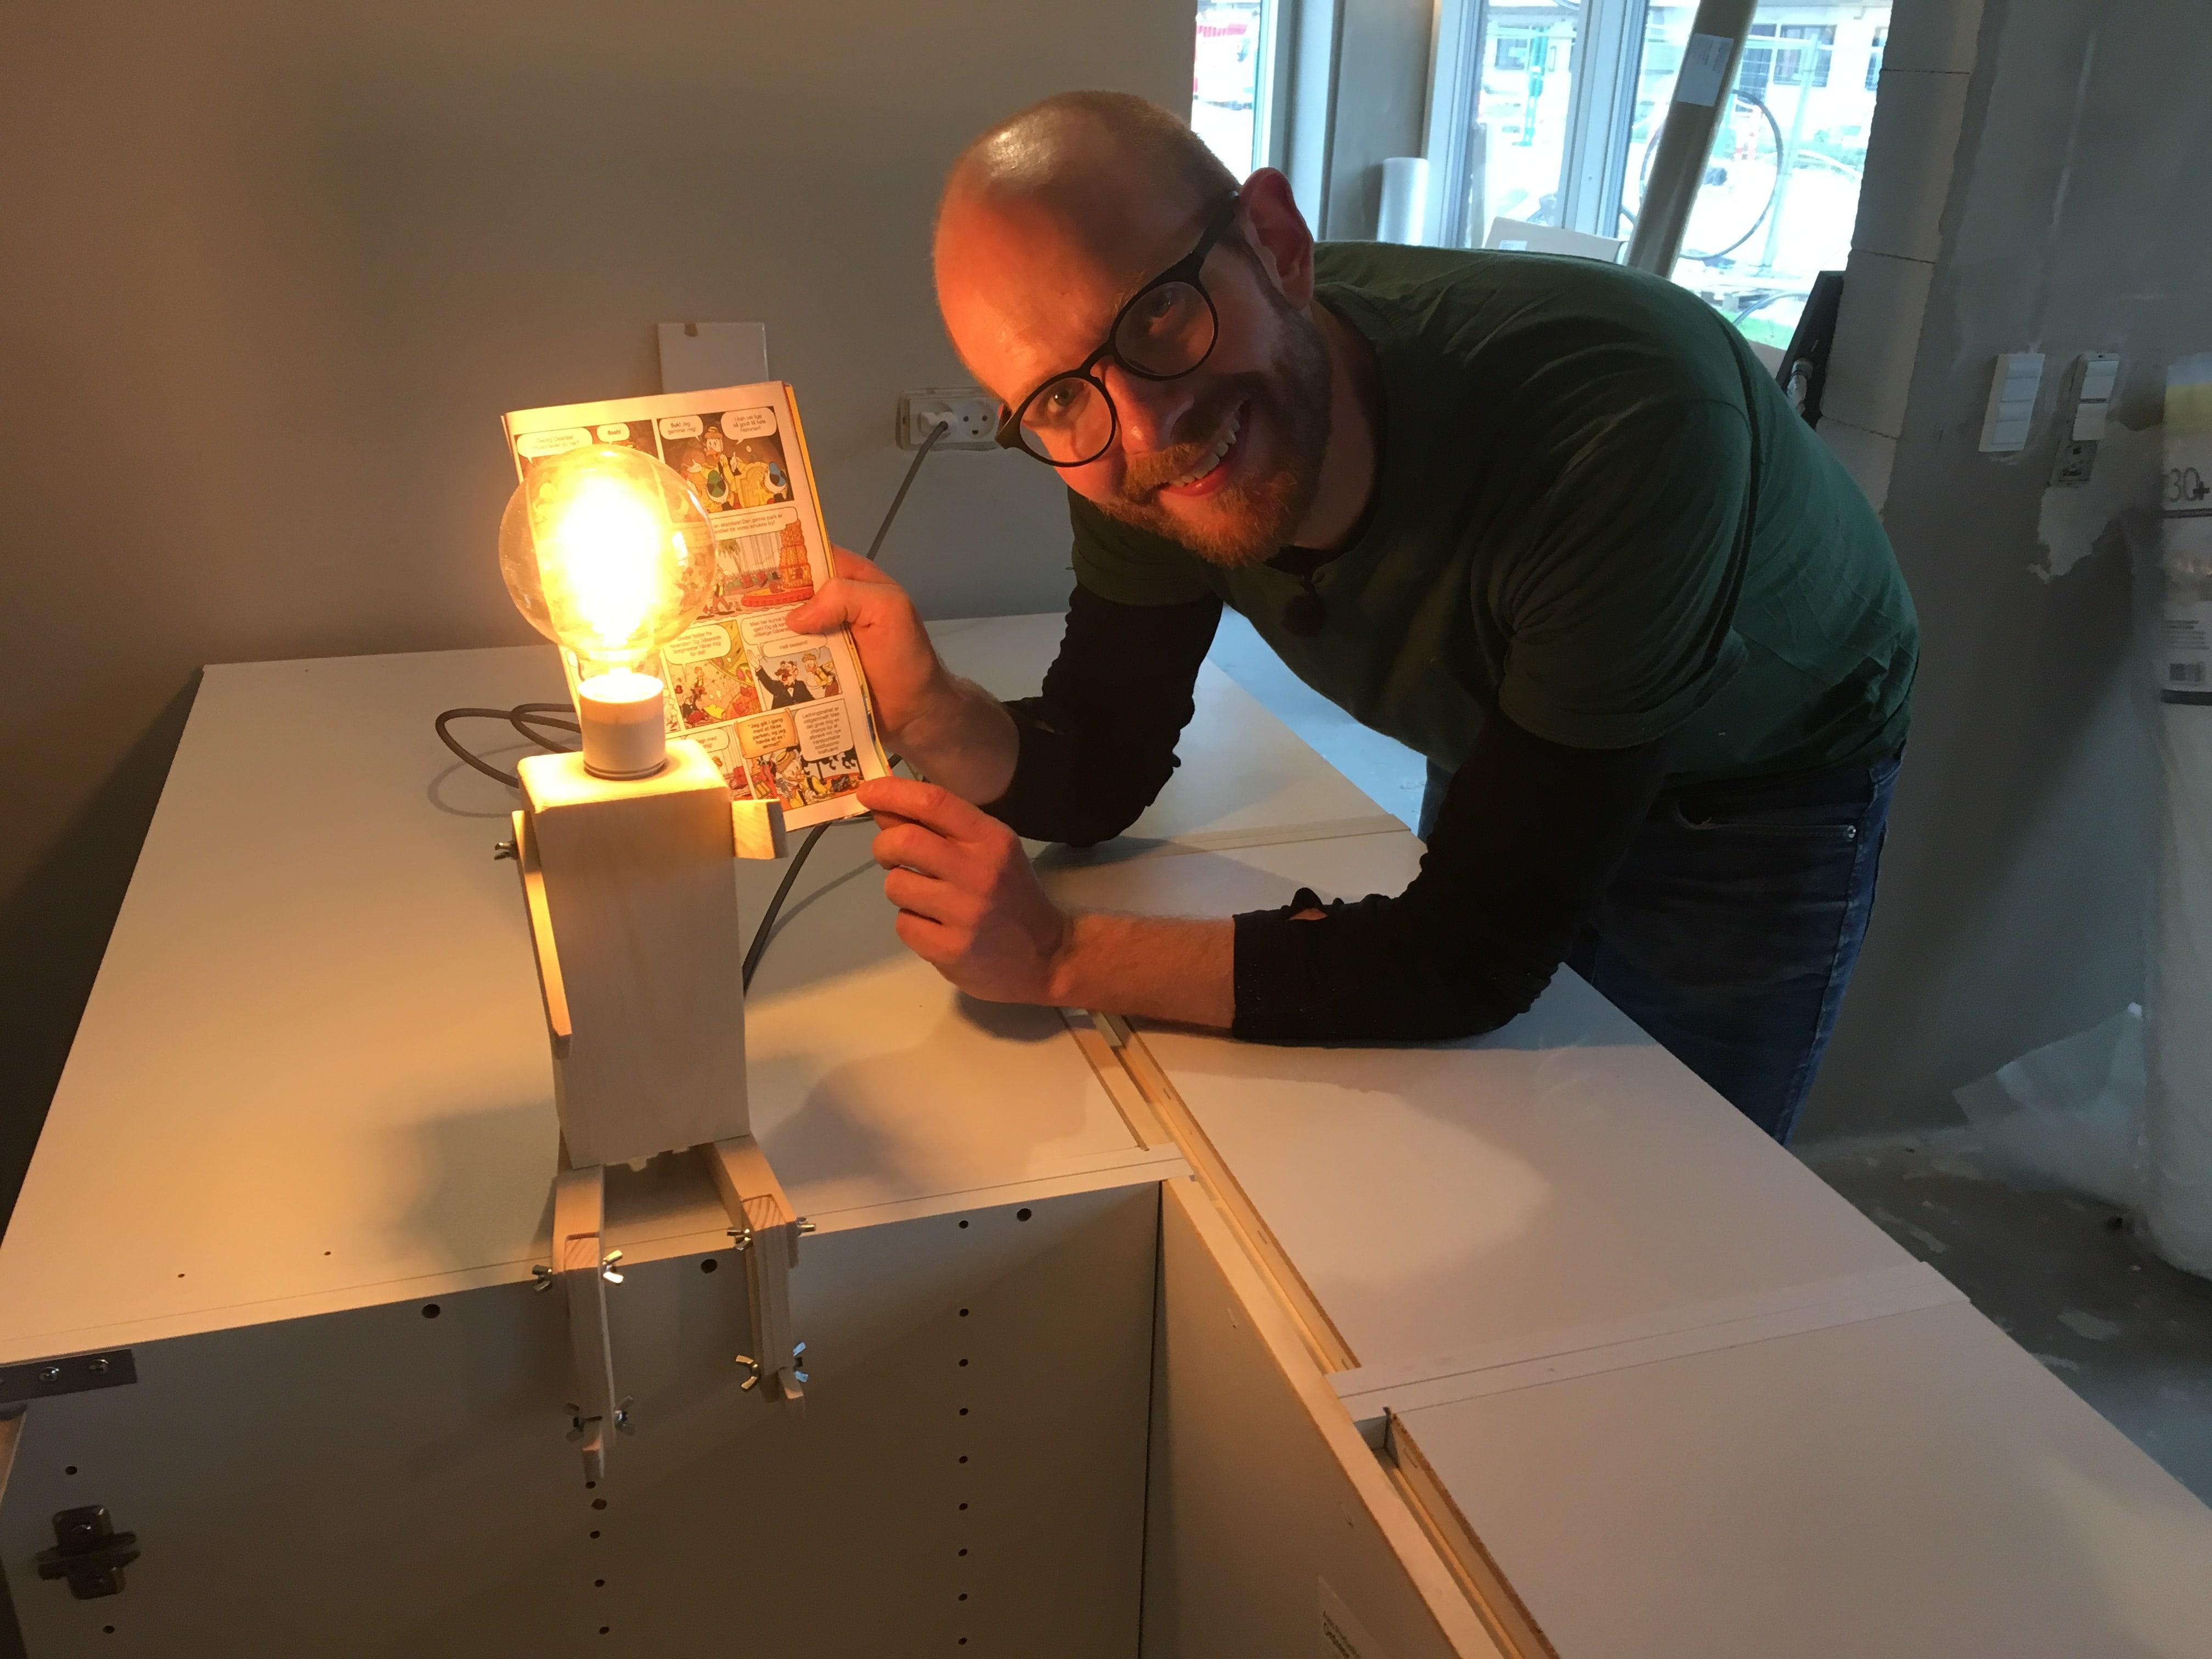 Lille hjælper-lampe